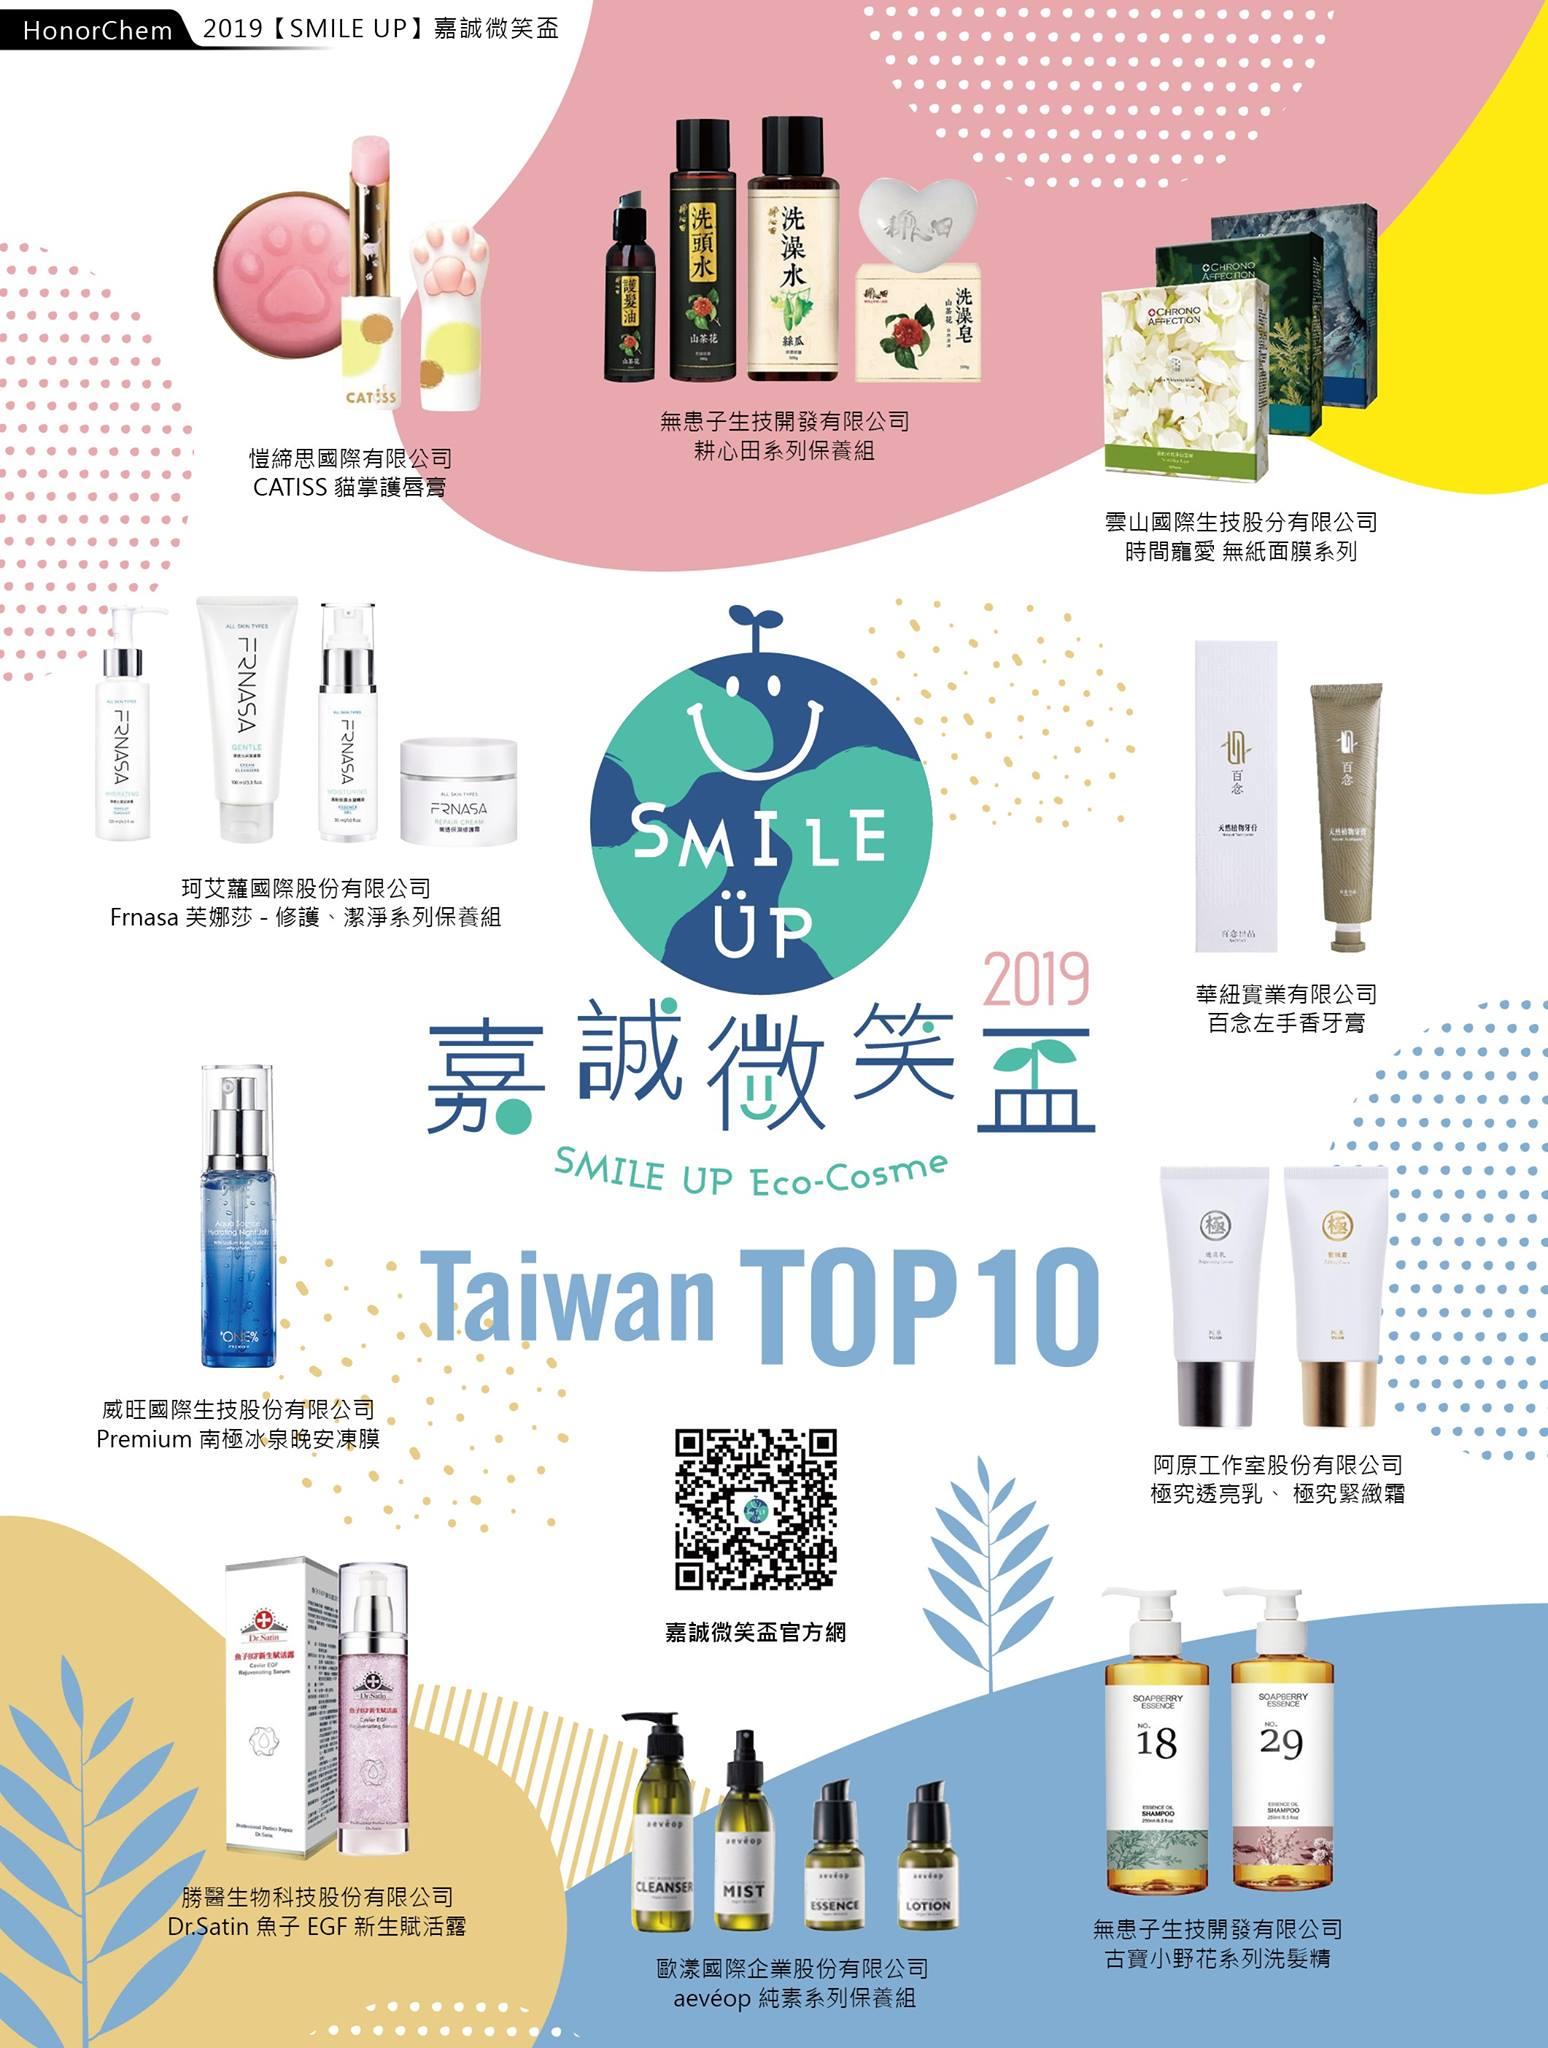 微笑化粧品Taiwan Top 10